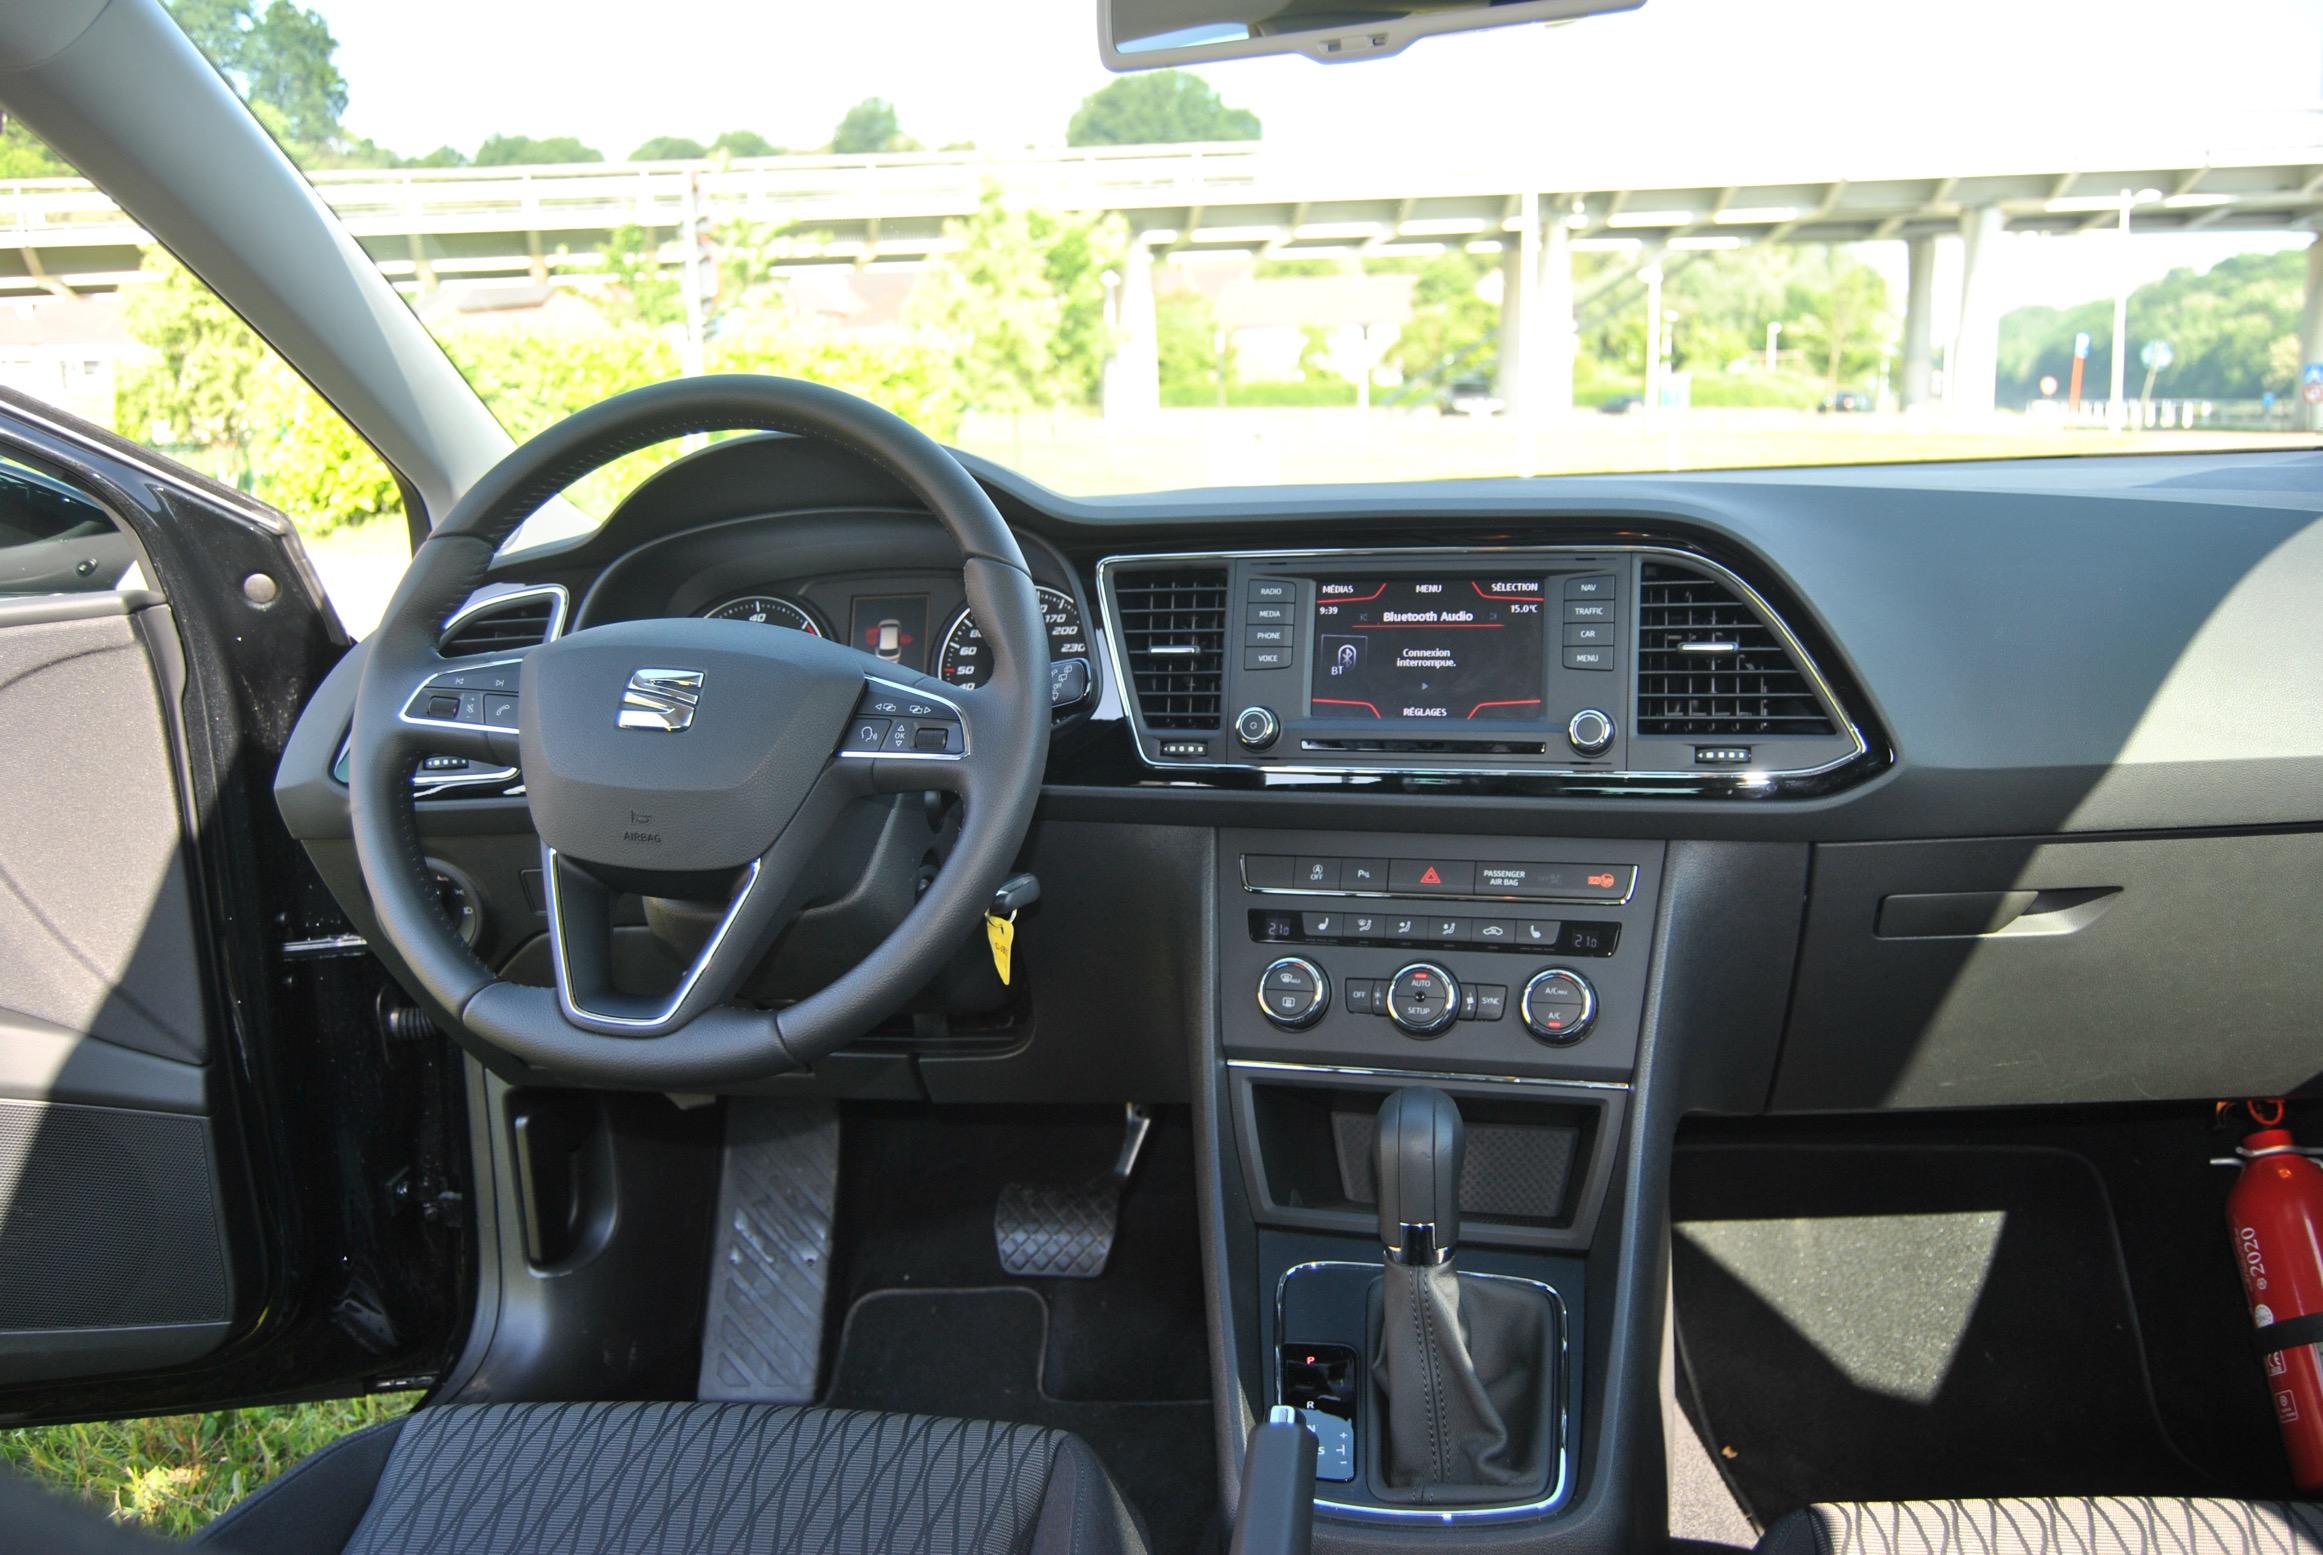 een week aan het stuur van seat leon st 1 6 tdi 105 ch link2fleet for a smarter mobility. Black Bedroom Furniture Sets. Home Design Ideas